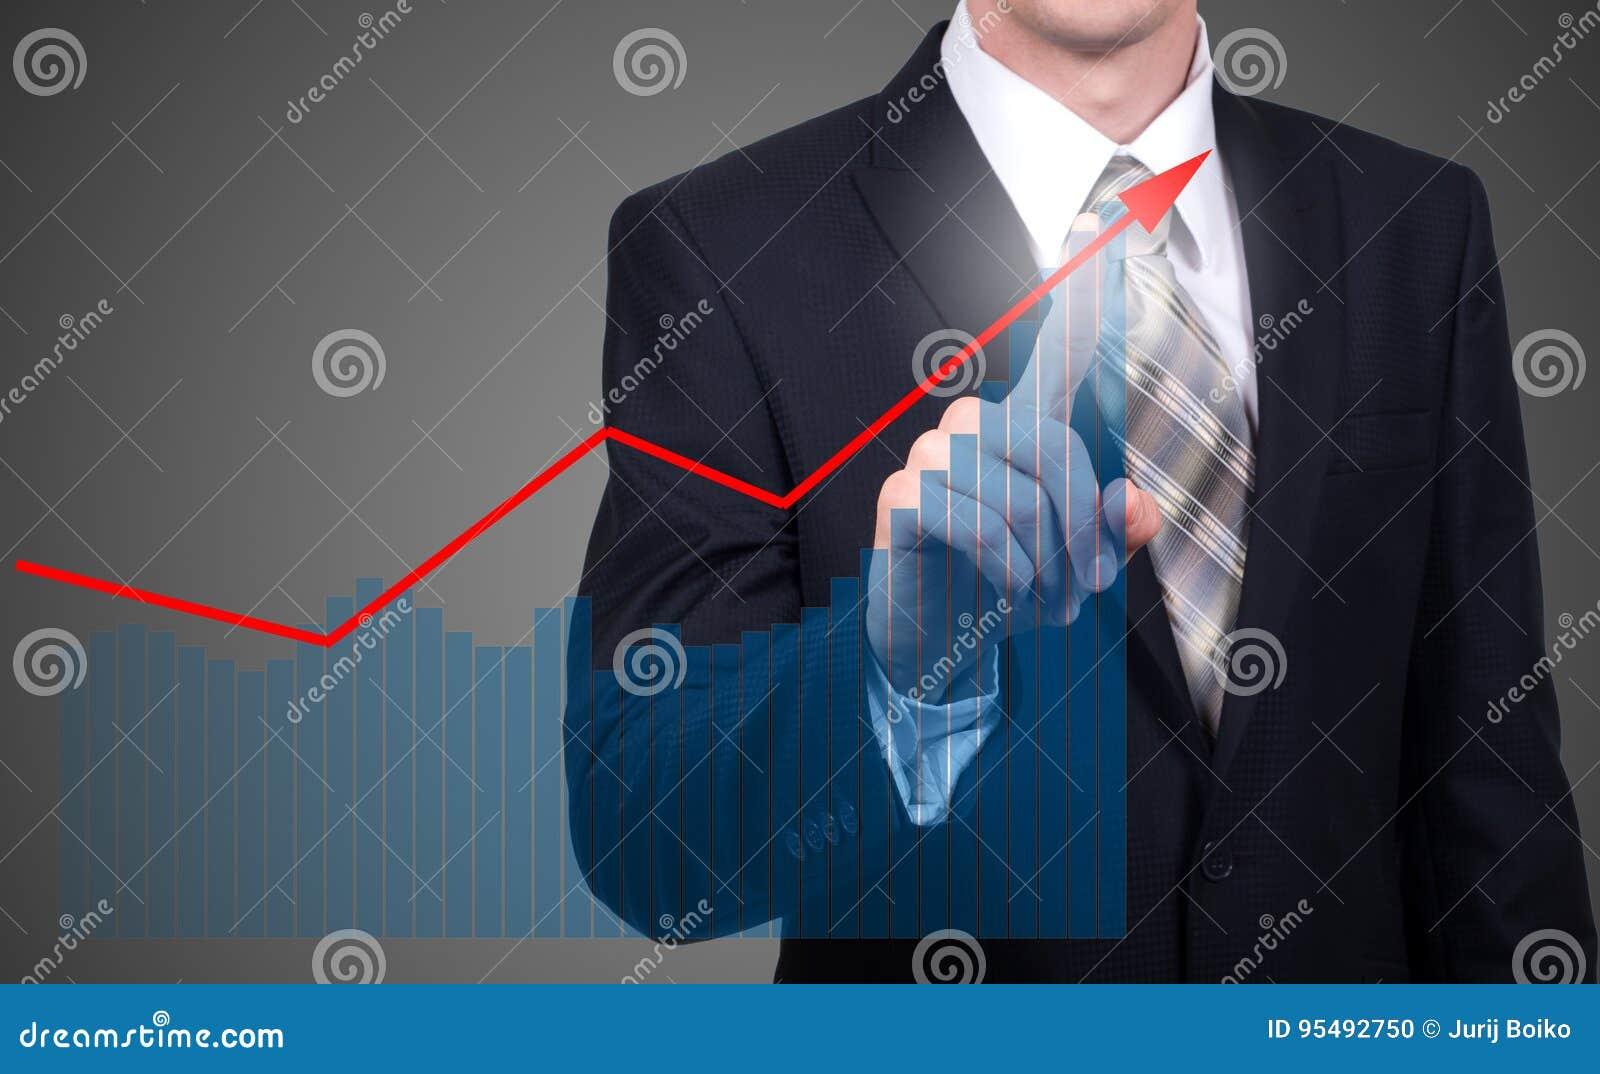 Έννοια εξέλιξης και αύξησης Αύξηση σχεδίων επιχειρηματιών και αύξηση των θετικών δεικτών στην επιχείρηση και τη χρηματοδότησή του